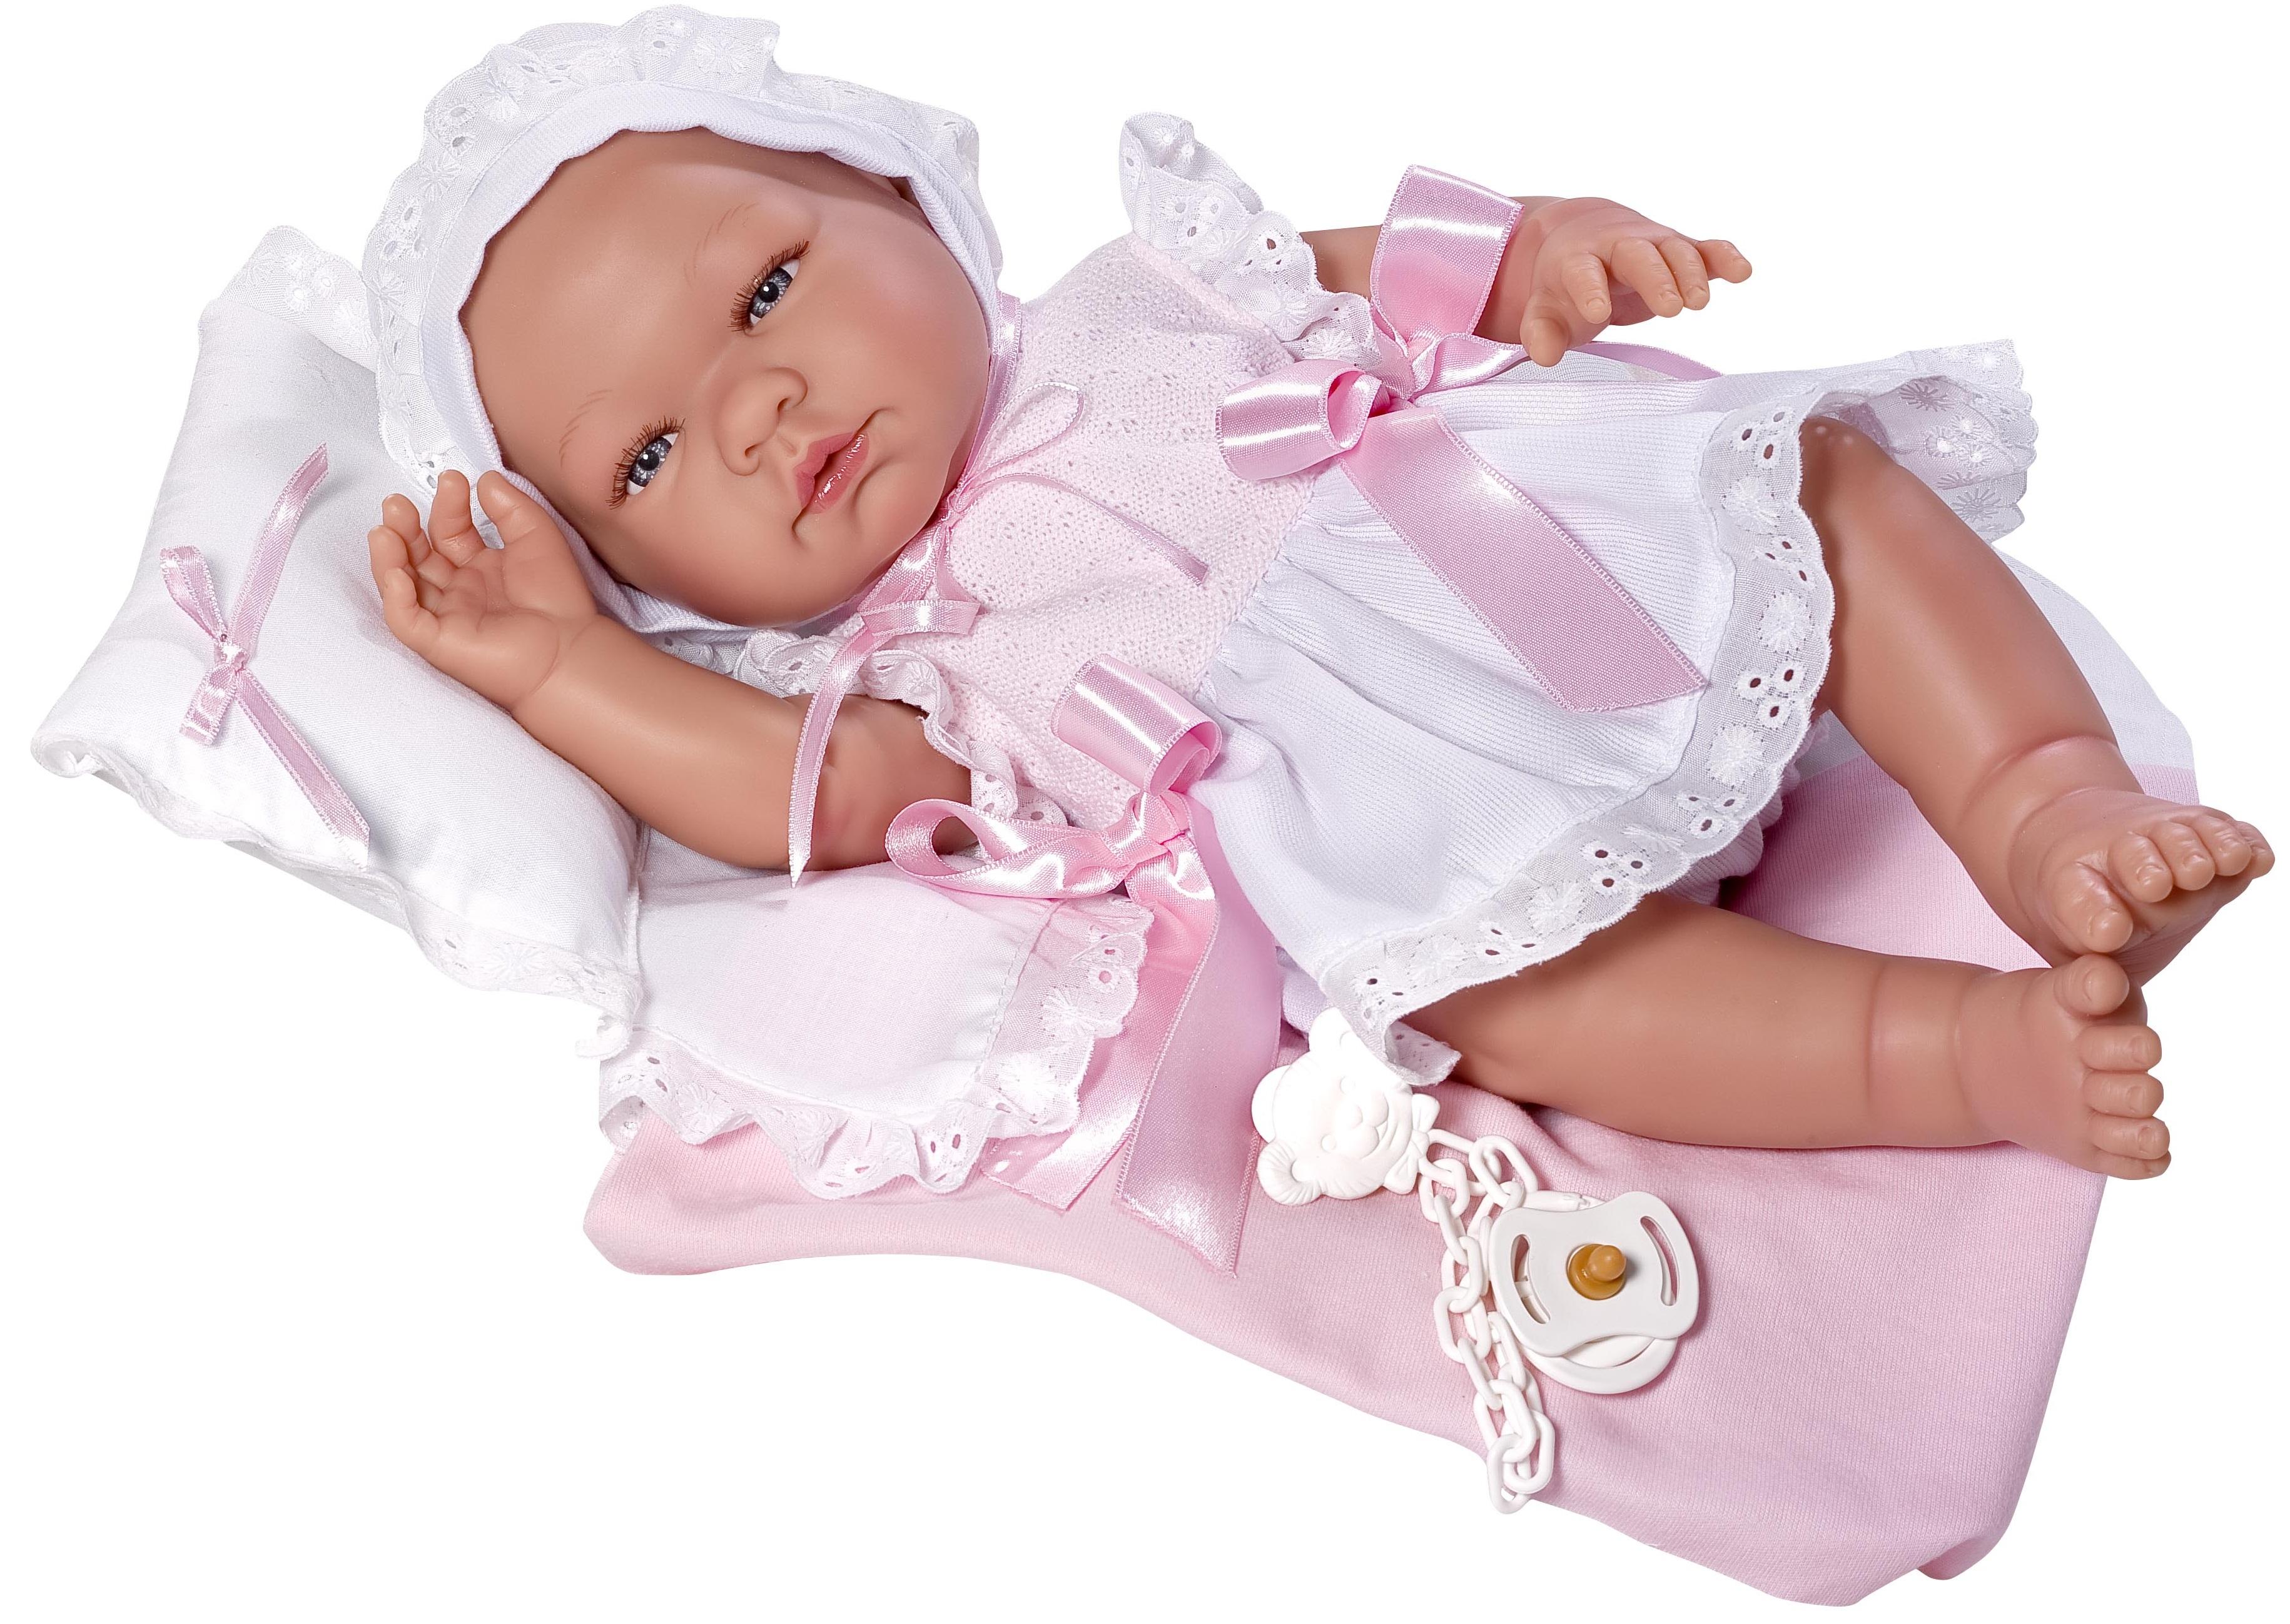 Кукла Мария с соской, подушкой и одеялом, 45 см.Куклы ASI (Испания)<br>Кукла Мария с соской, подушкой и одеялом, 45 см.<br>